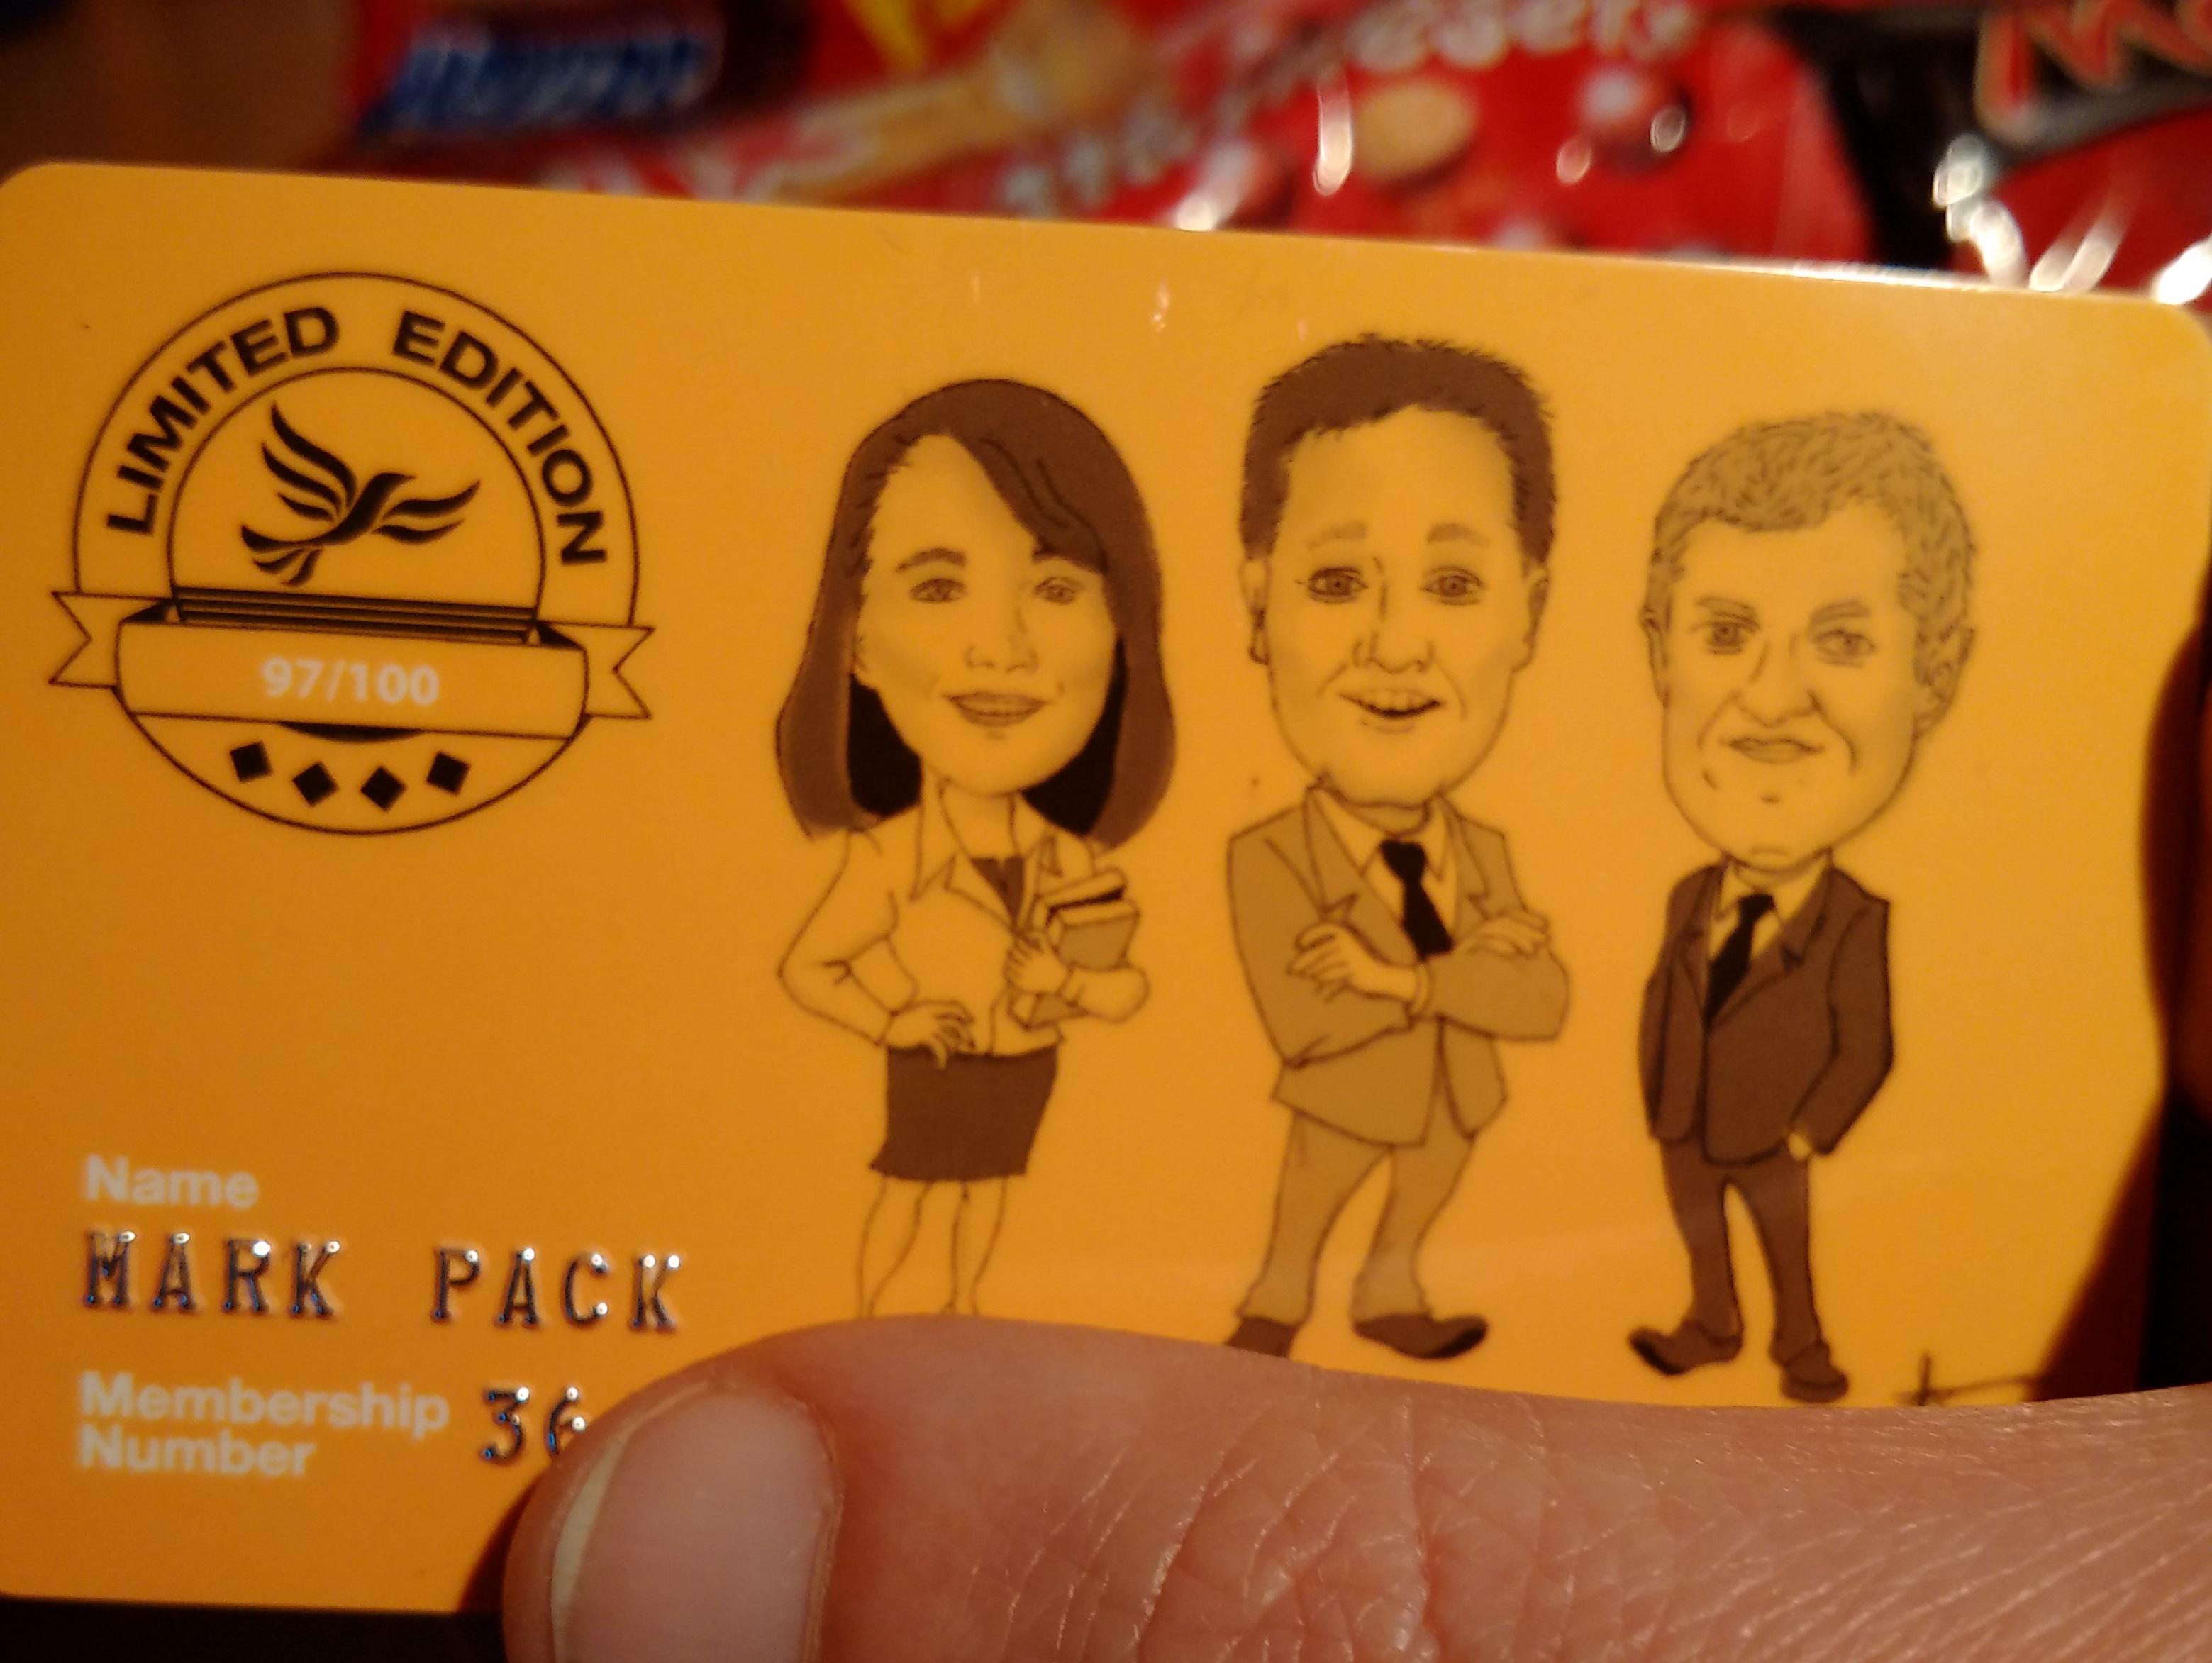 Lib Dem membership card, plus chocolate